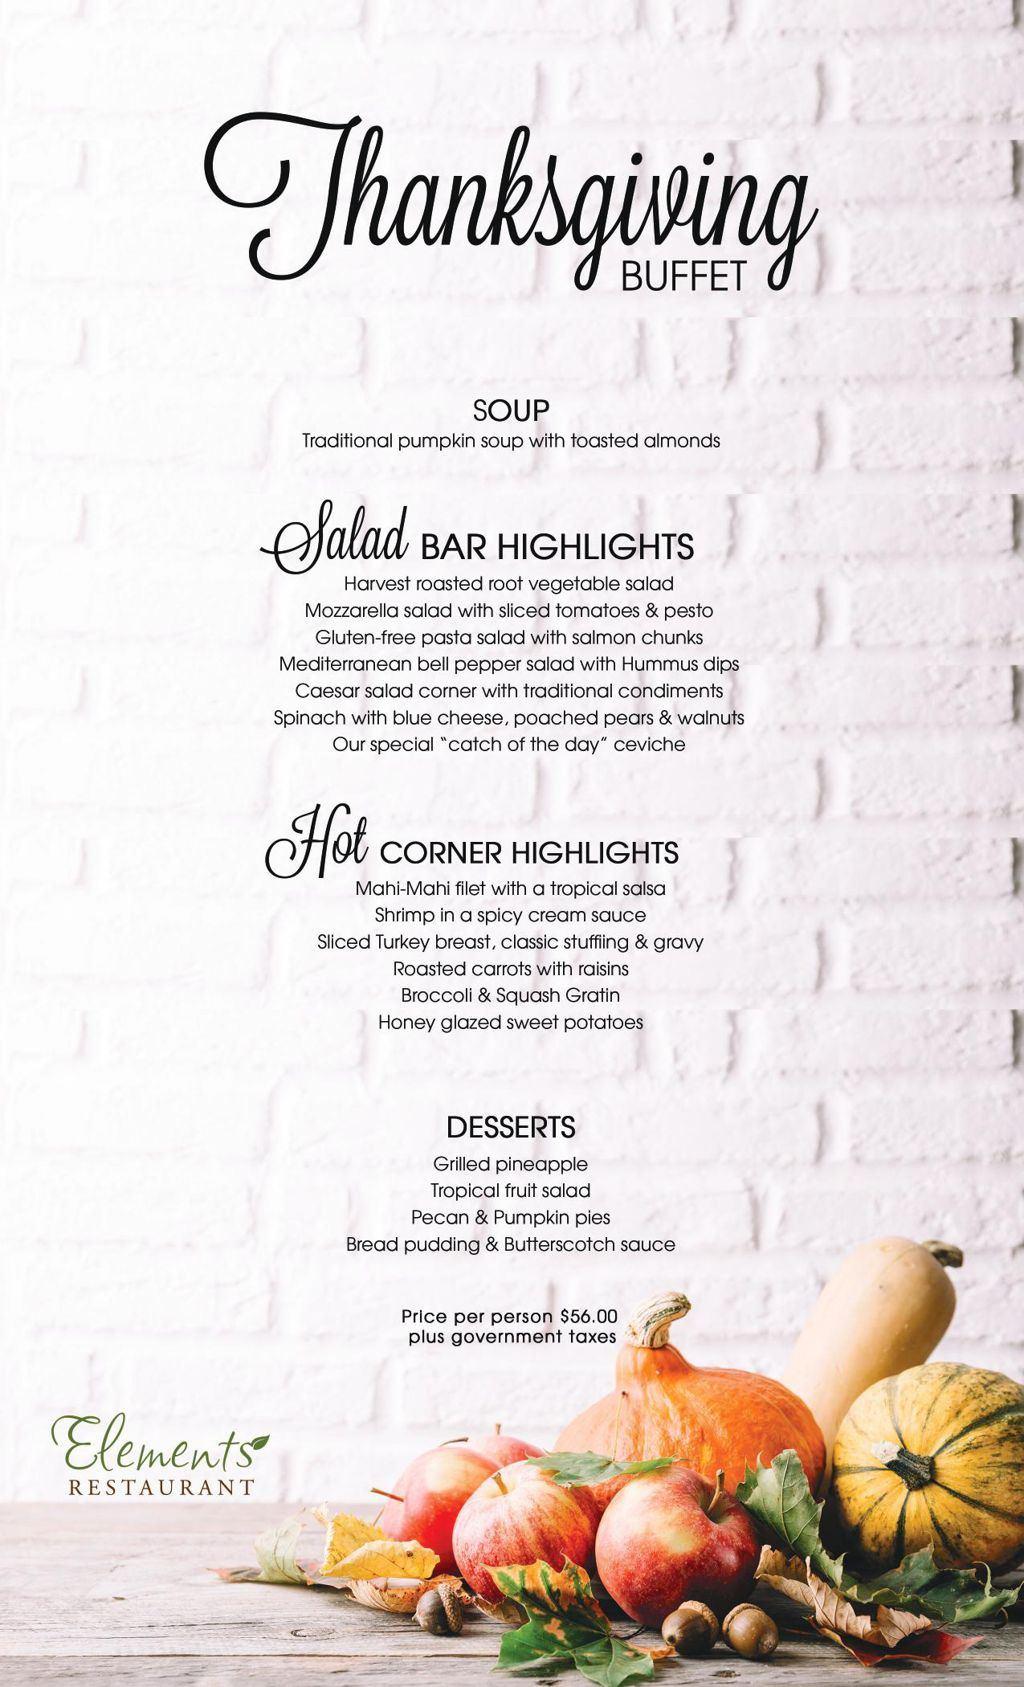 Elements Restaurant Thanksgiving Buffet